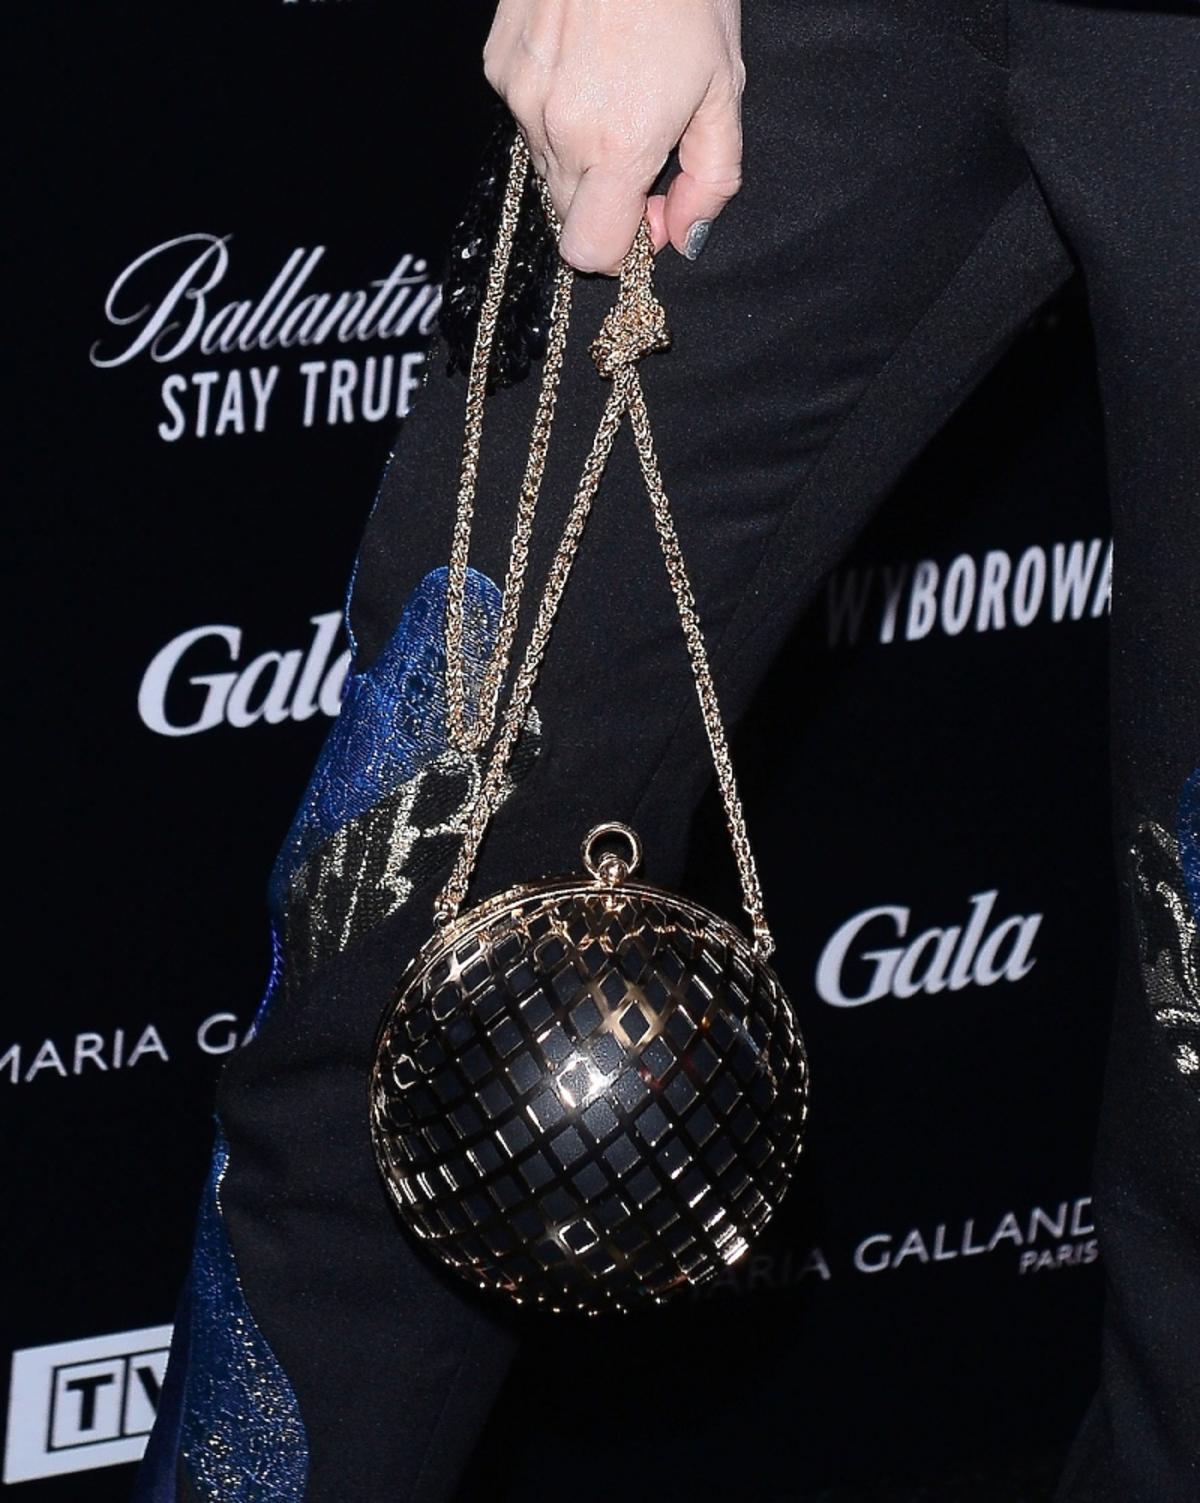 Czarna torebka w kształcie kuli na złotym łańcuszku